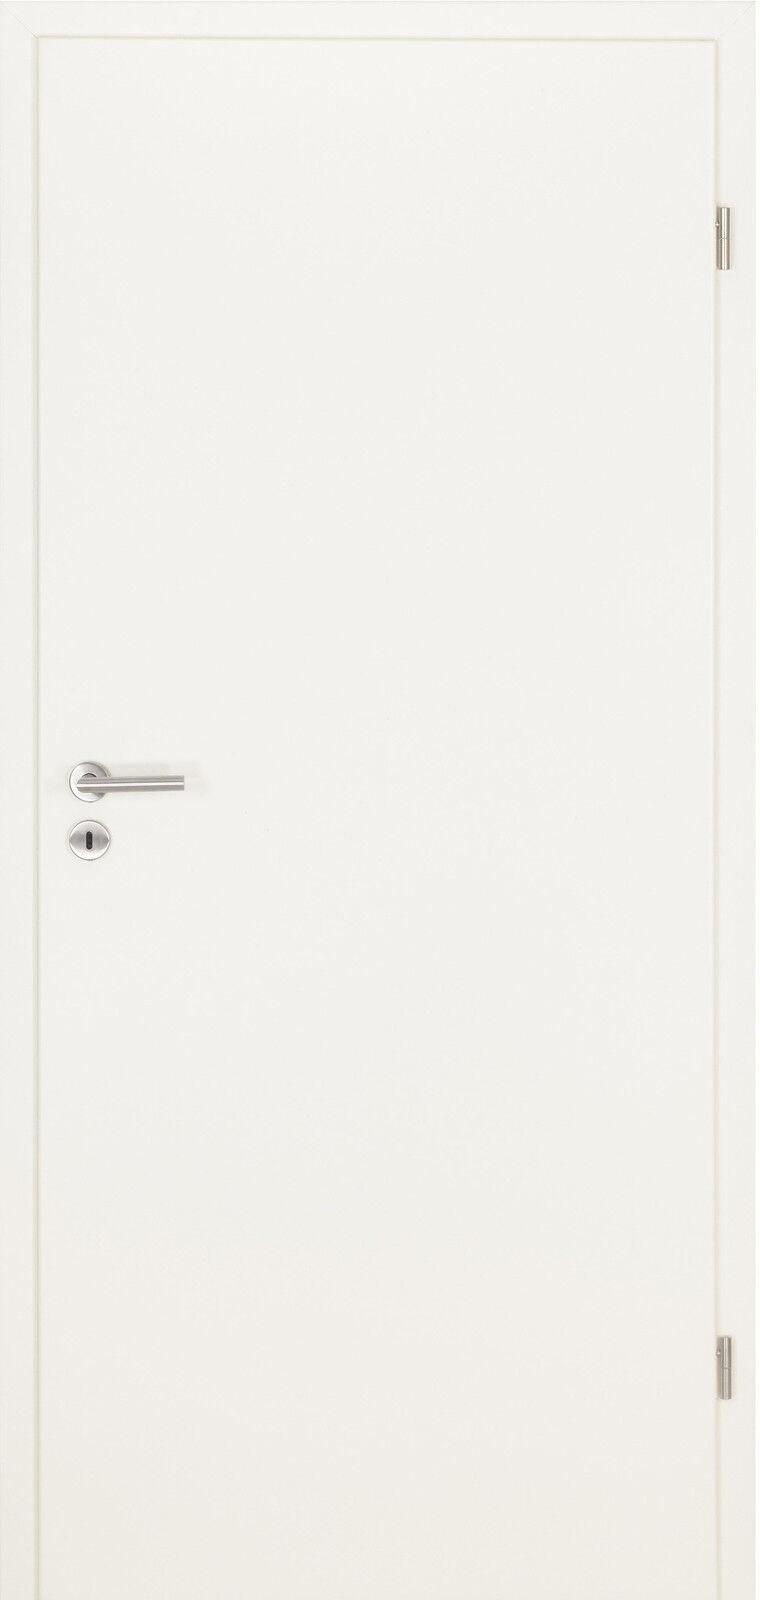 Kuporta CPL ZIMMERTÜR weiss 9010 Innentür | Tür mit Zarge Zimmertüren Innentüren